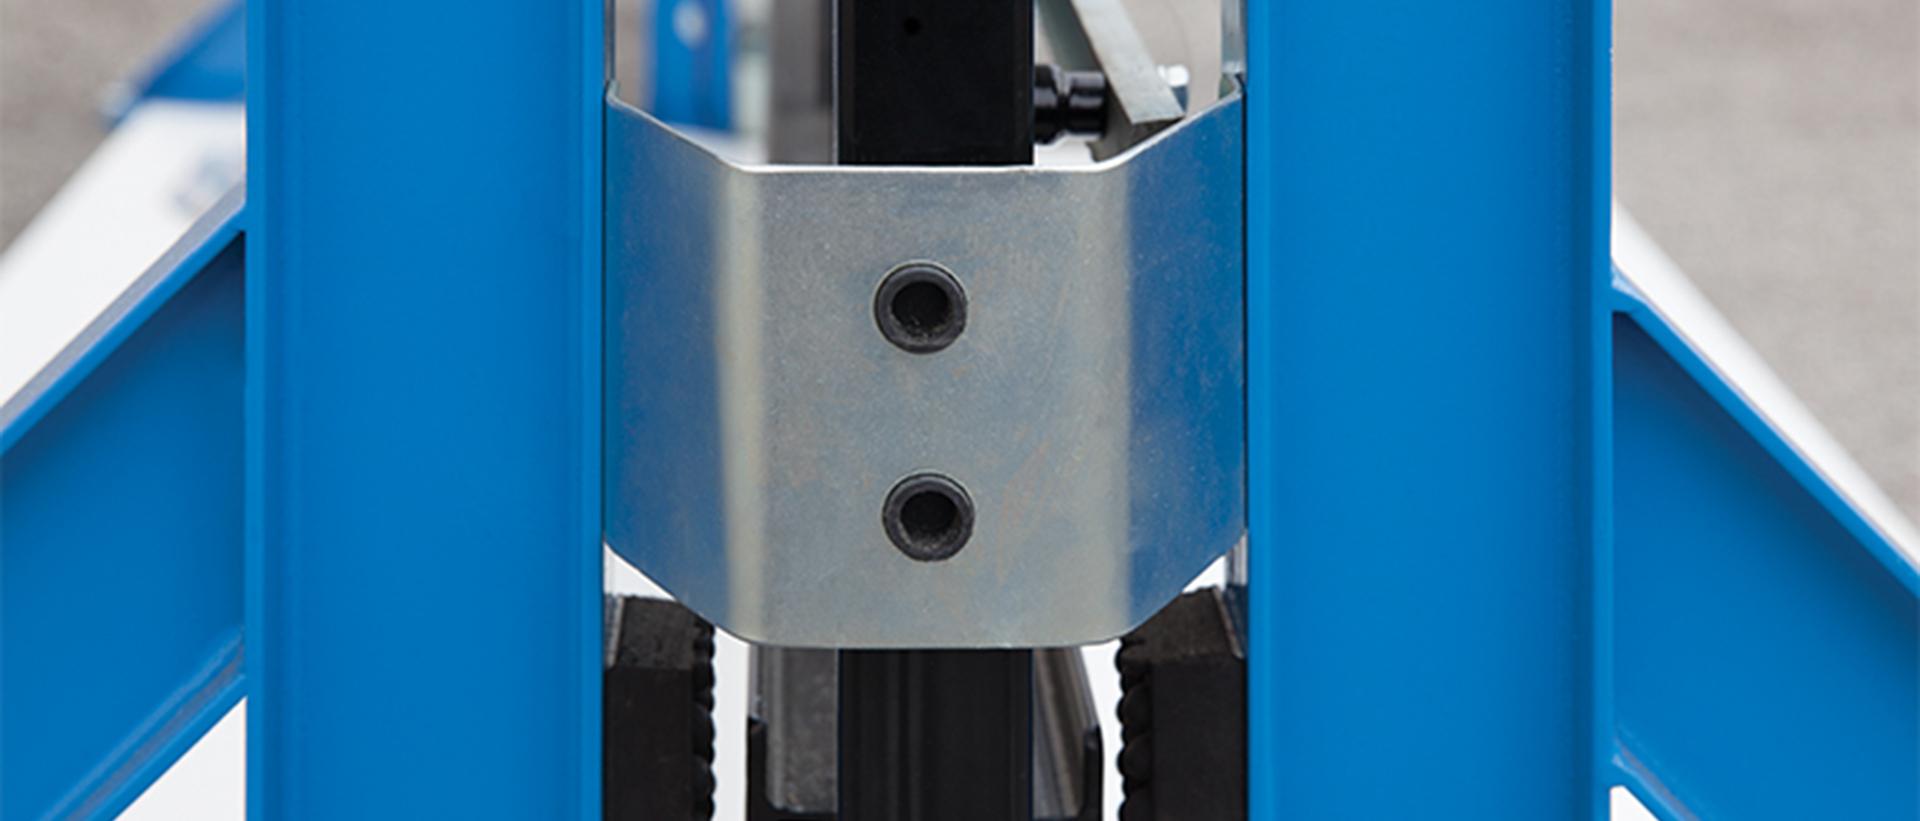 Γκαραζόπορτες, μηχανισμός για συρόμενες χωρίς οδηγό στο έδαφος